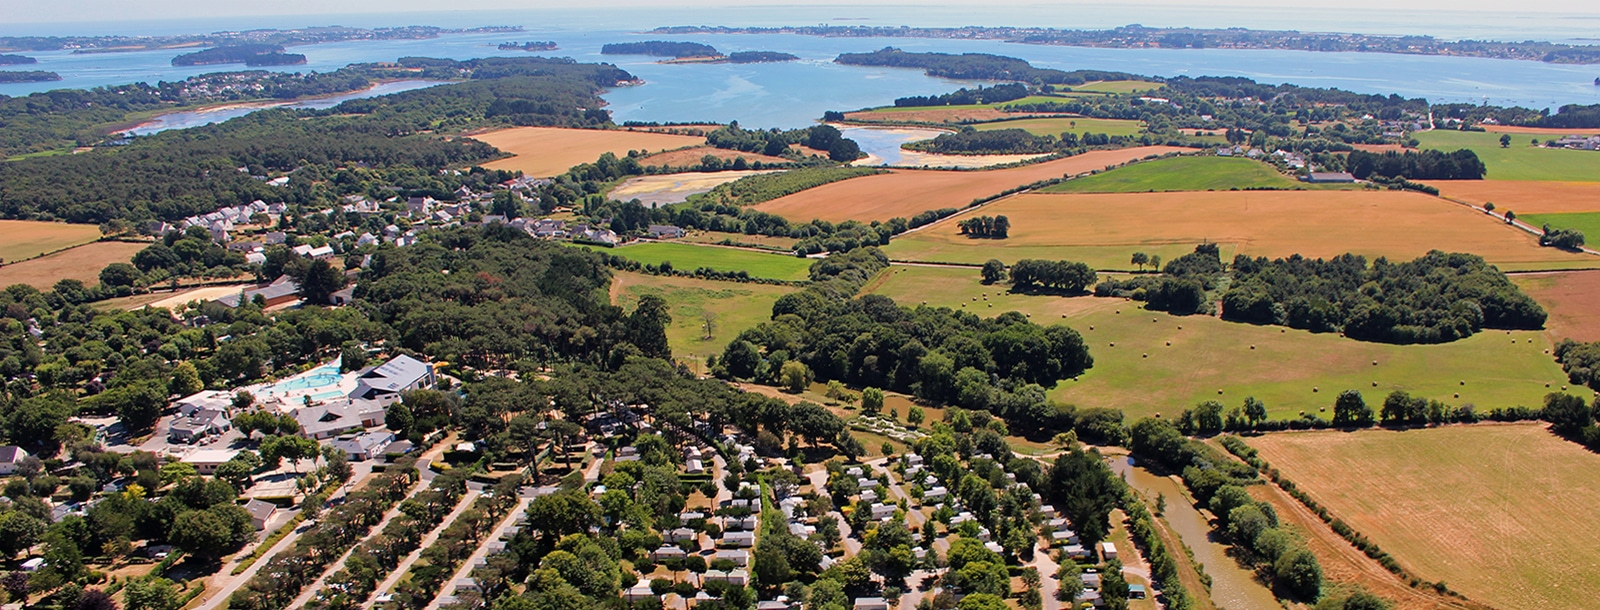 In de Golf van Morbihan, 1 km van de kust, op 3 km van het strand